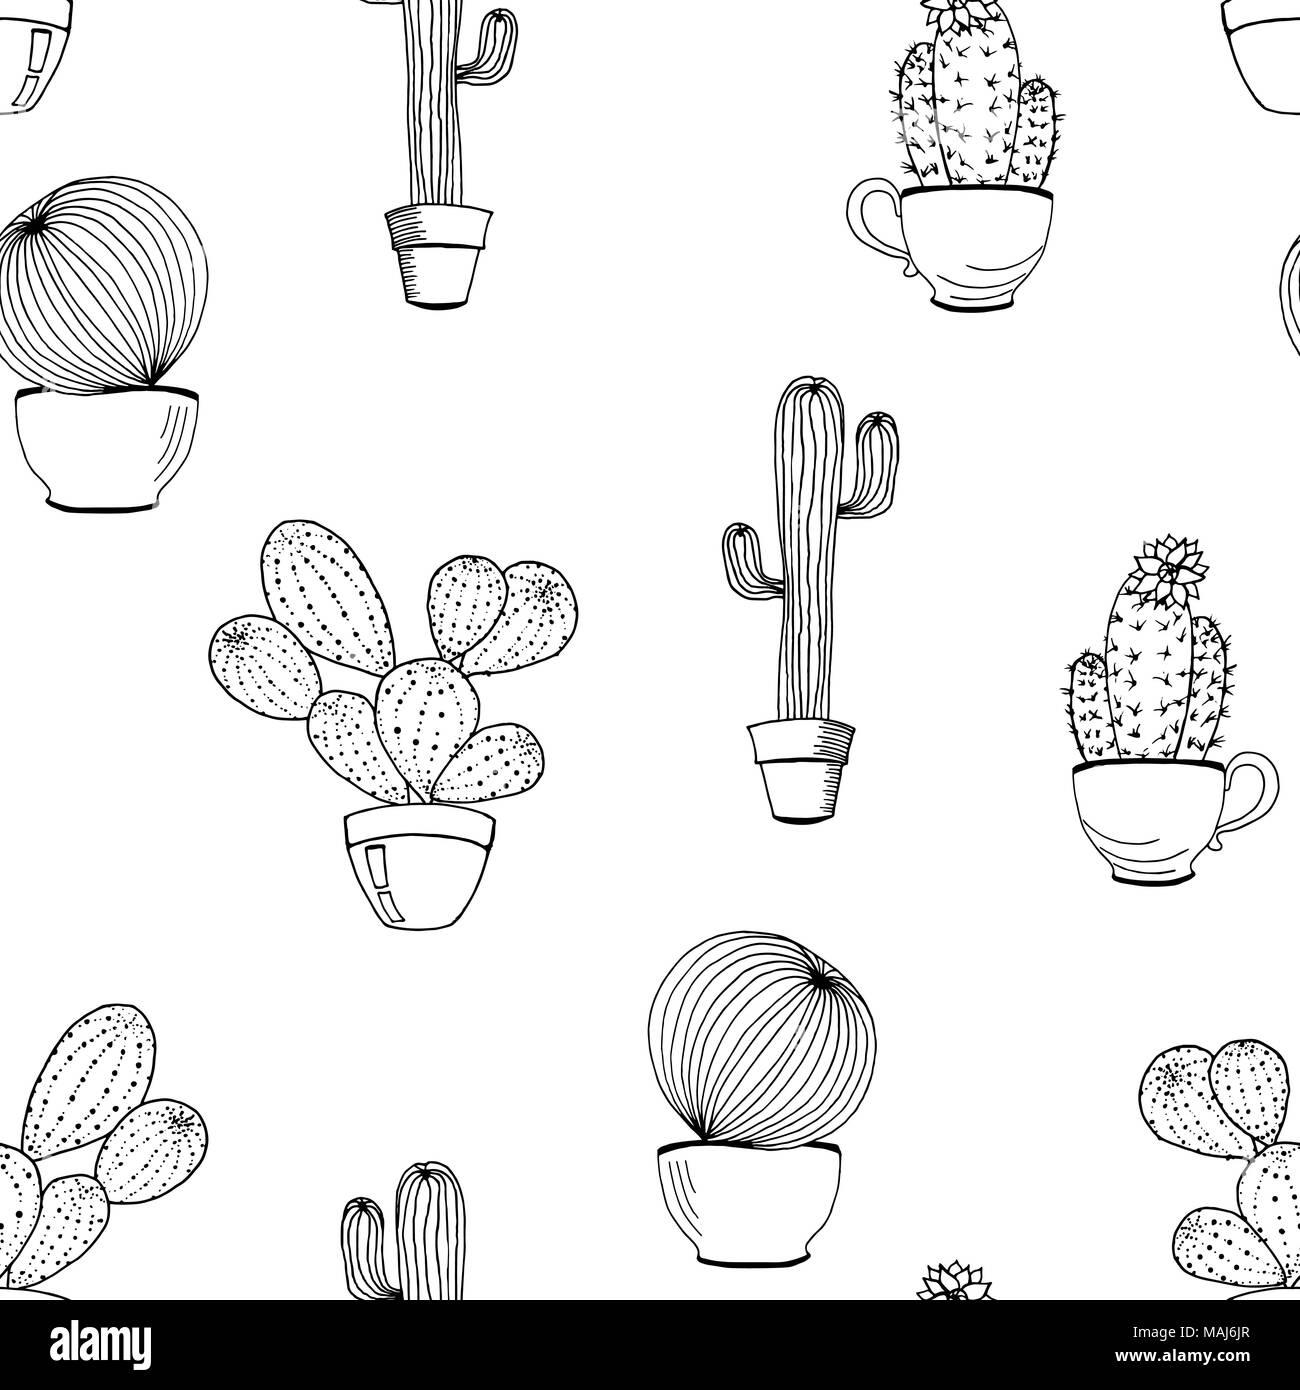 Atractivo Página Para Colorear De Arizona State Seal Imagen - Ideas ...